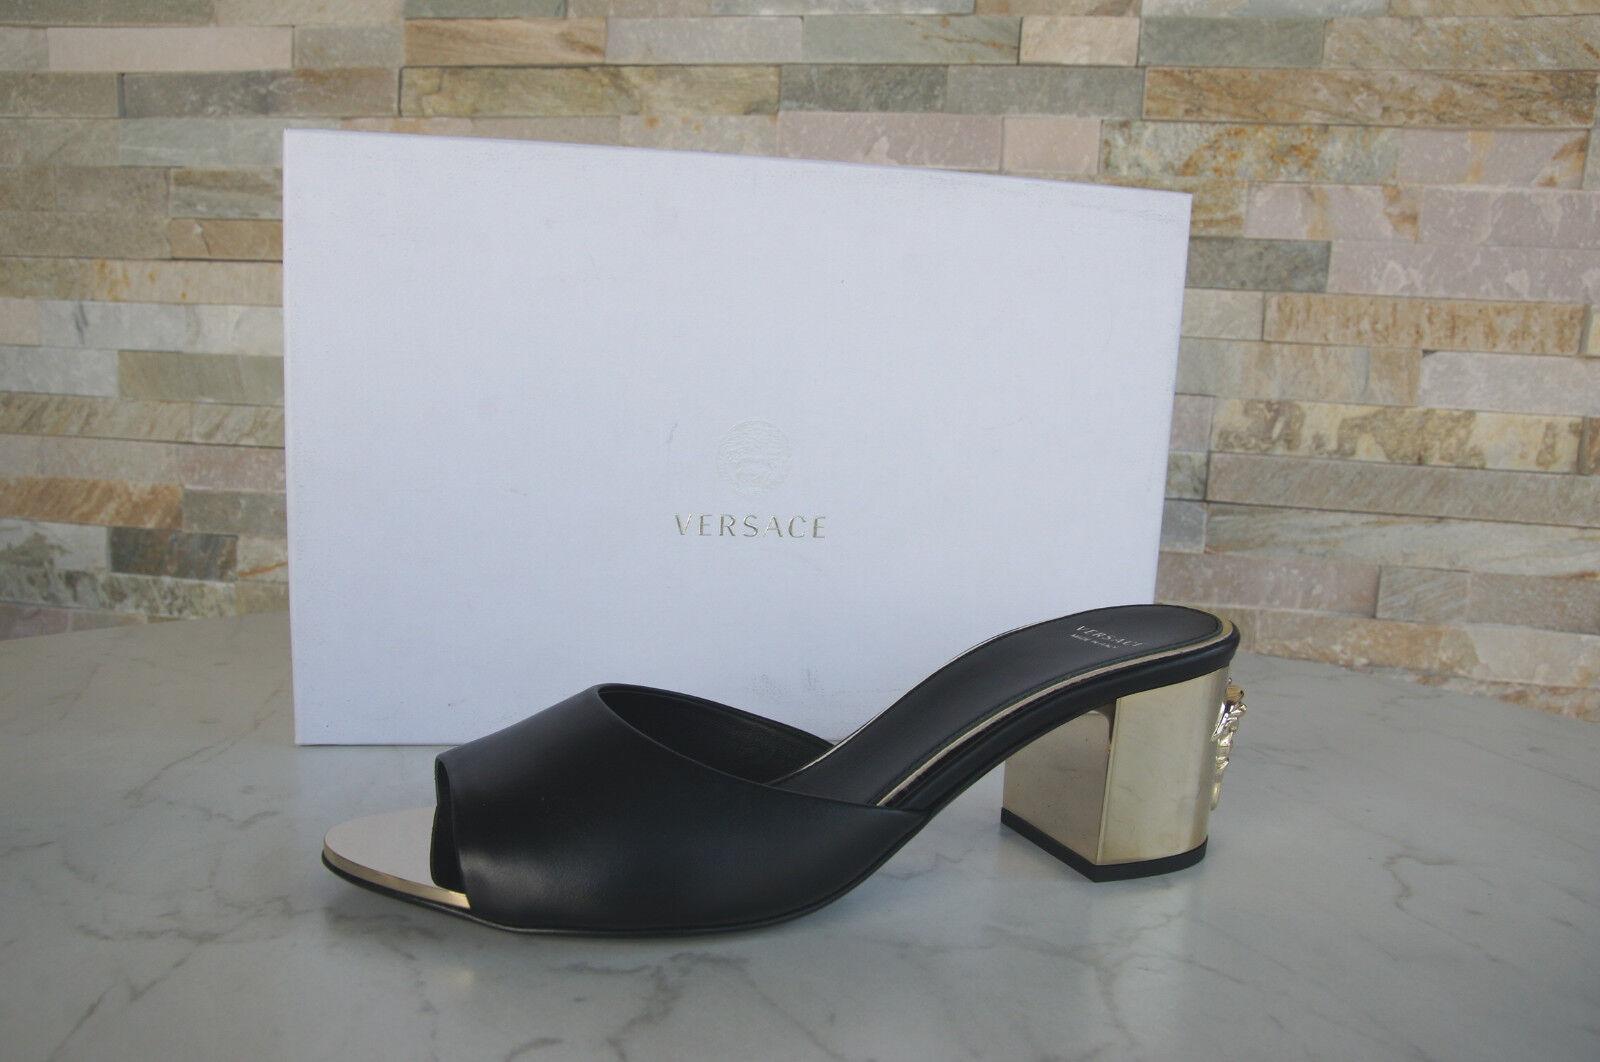 Versace sandalias sandalias sandalias, zapatos negro nuevo PVP